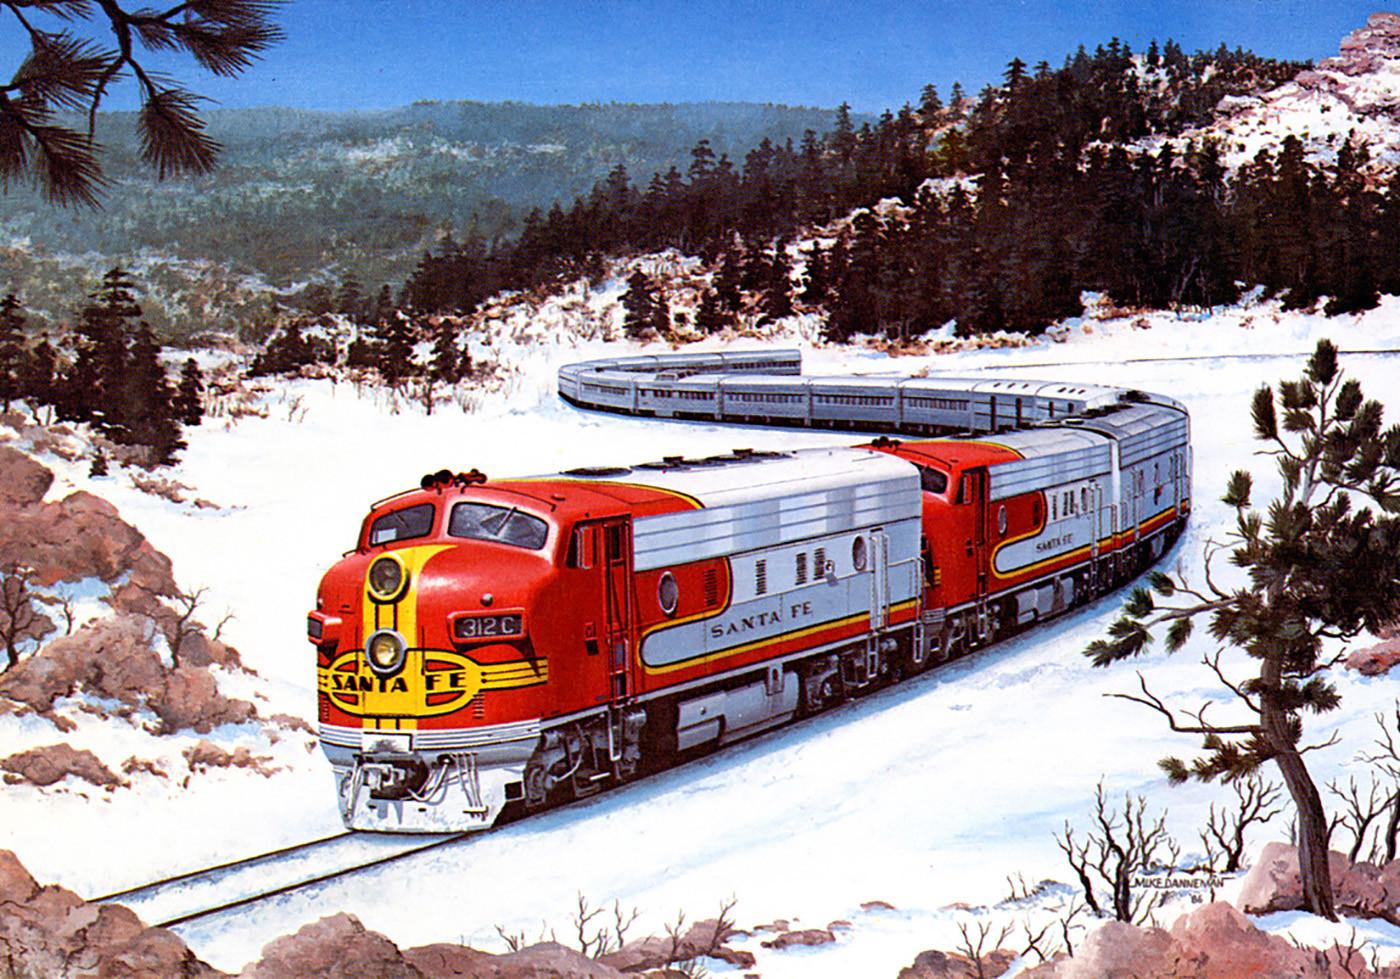 Великий рельсовый погром: как в США сознательно «убили» пассажирские железные дороги - Недвижимость onliner.by